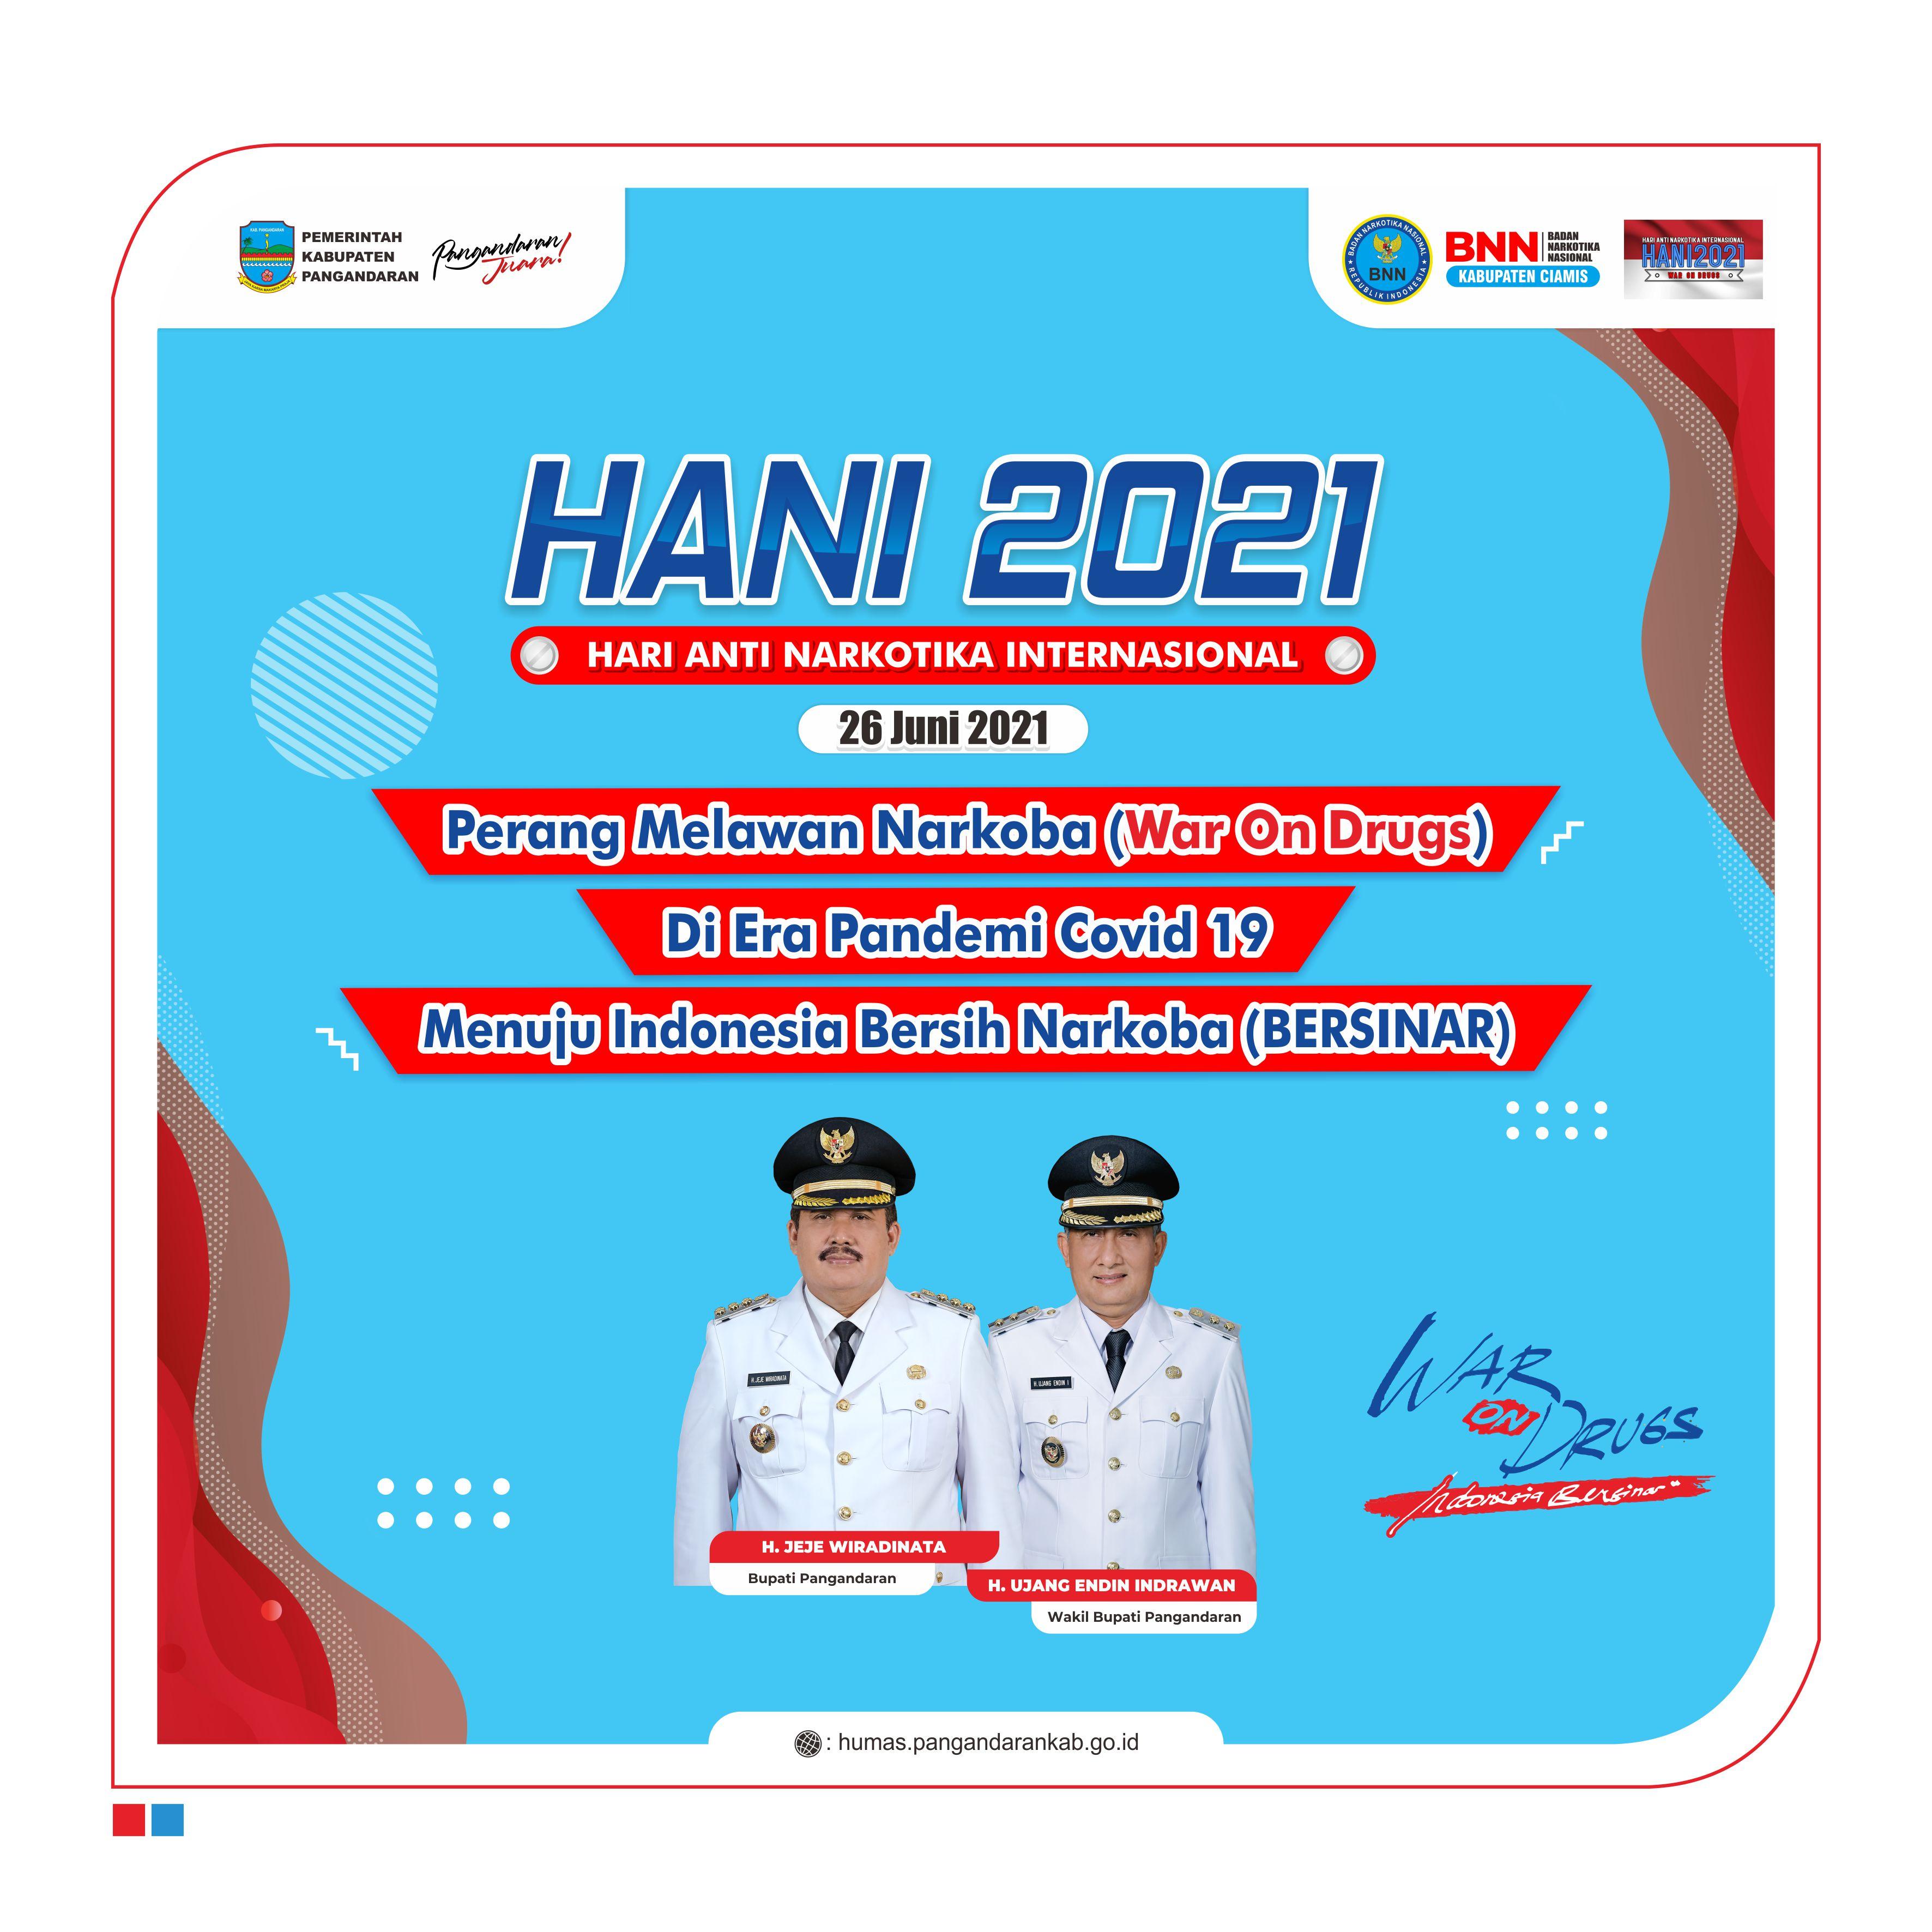 HANI 2021